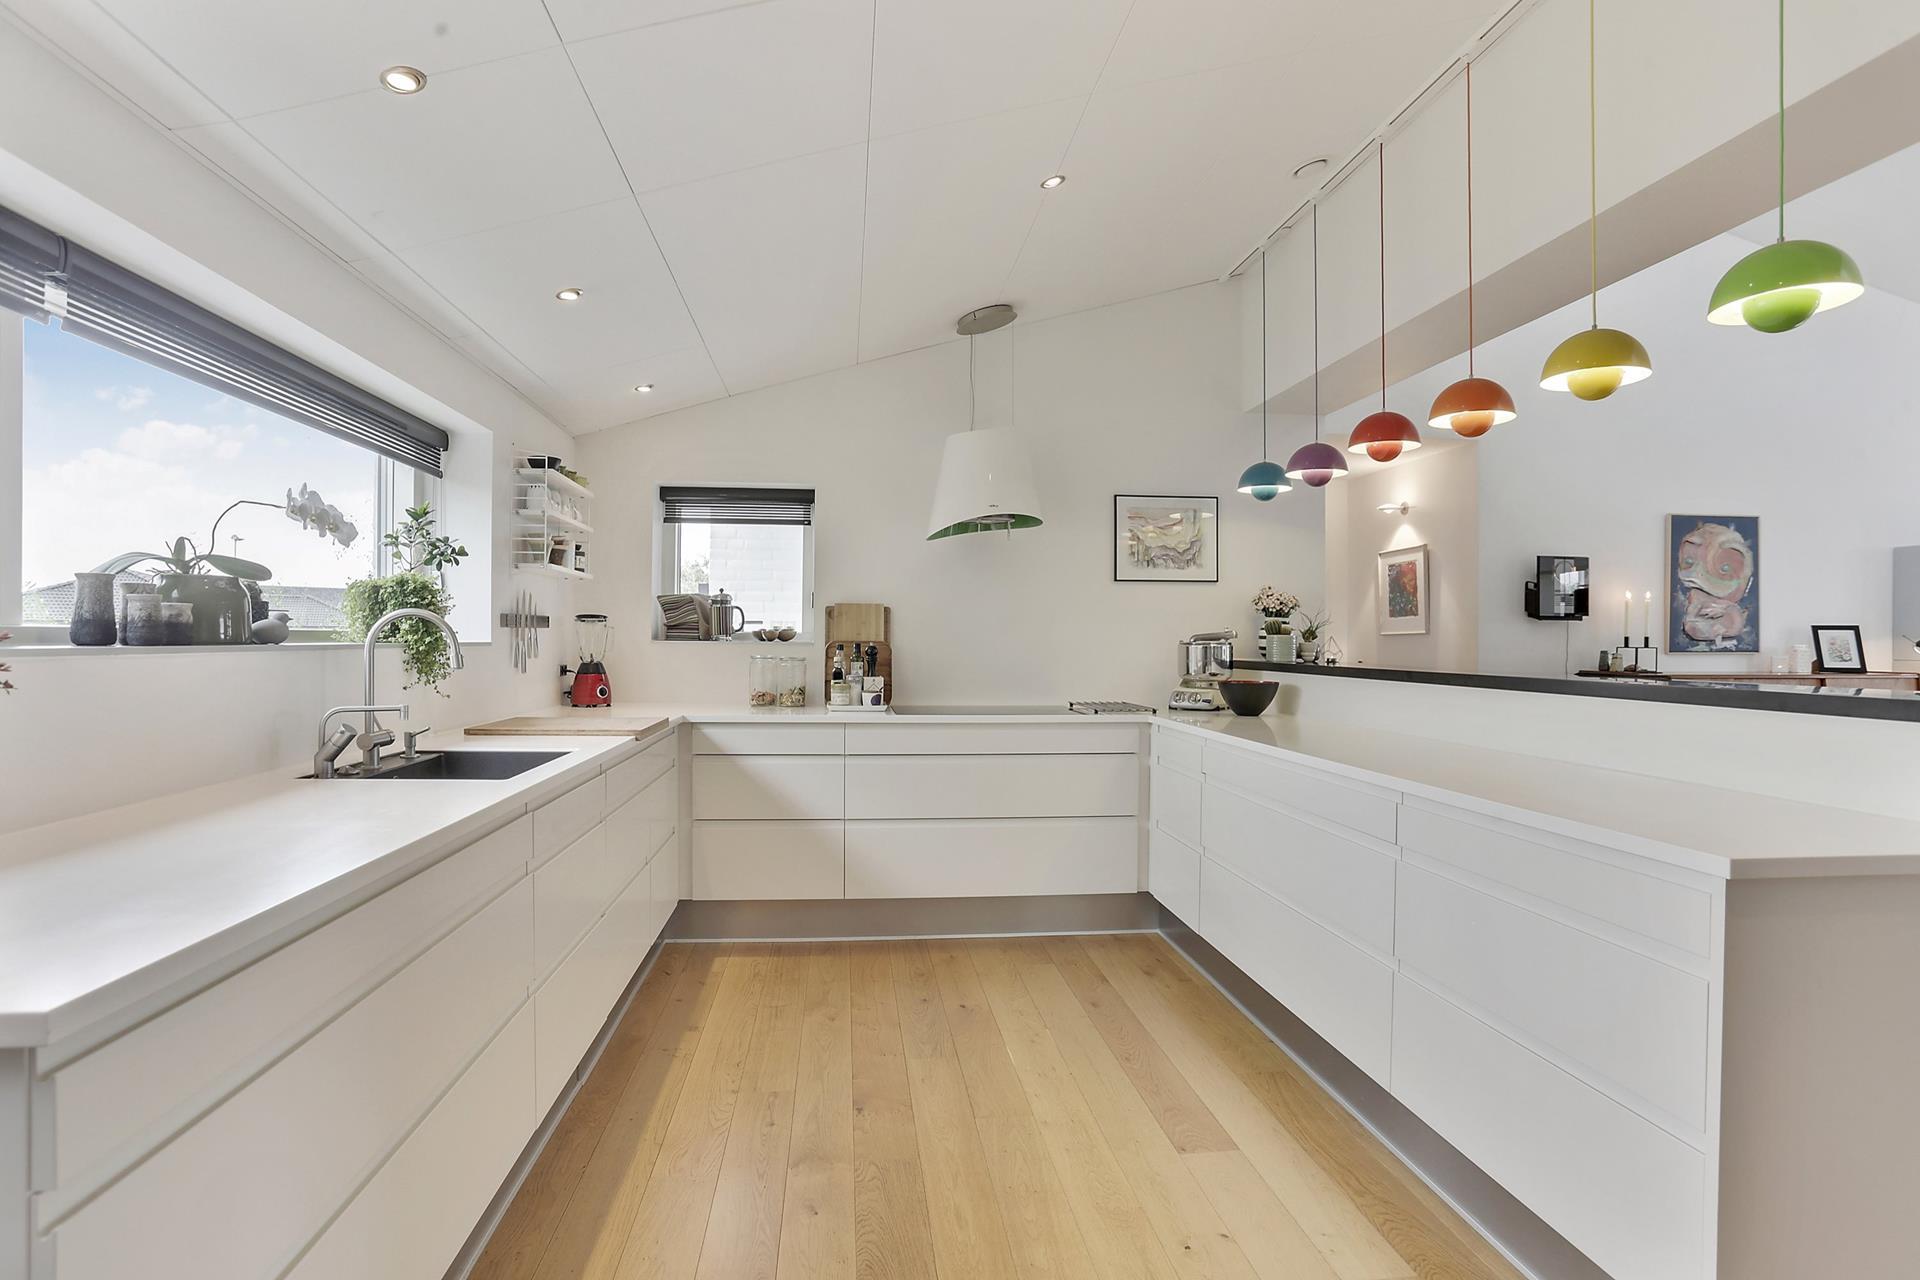 Toque de color en una cocina blanca blog tienda for Color credence cocina blanca